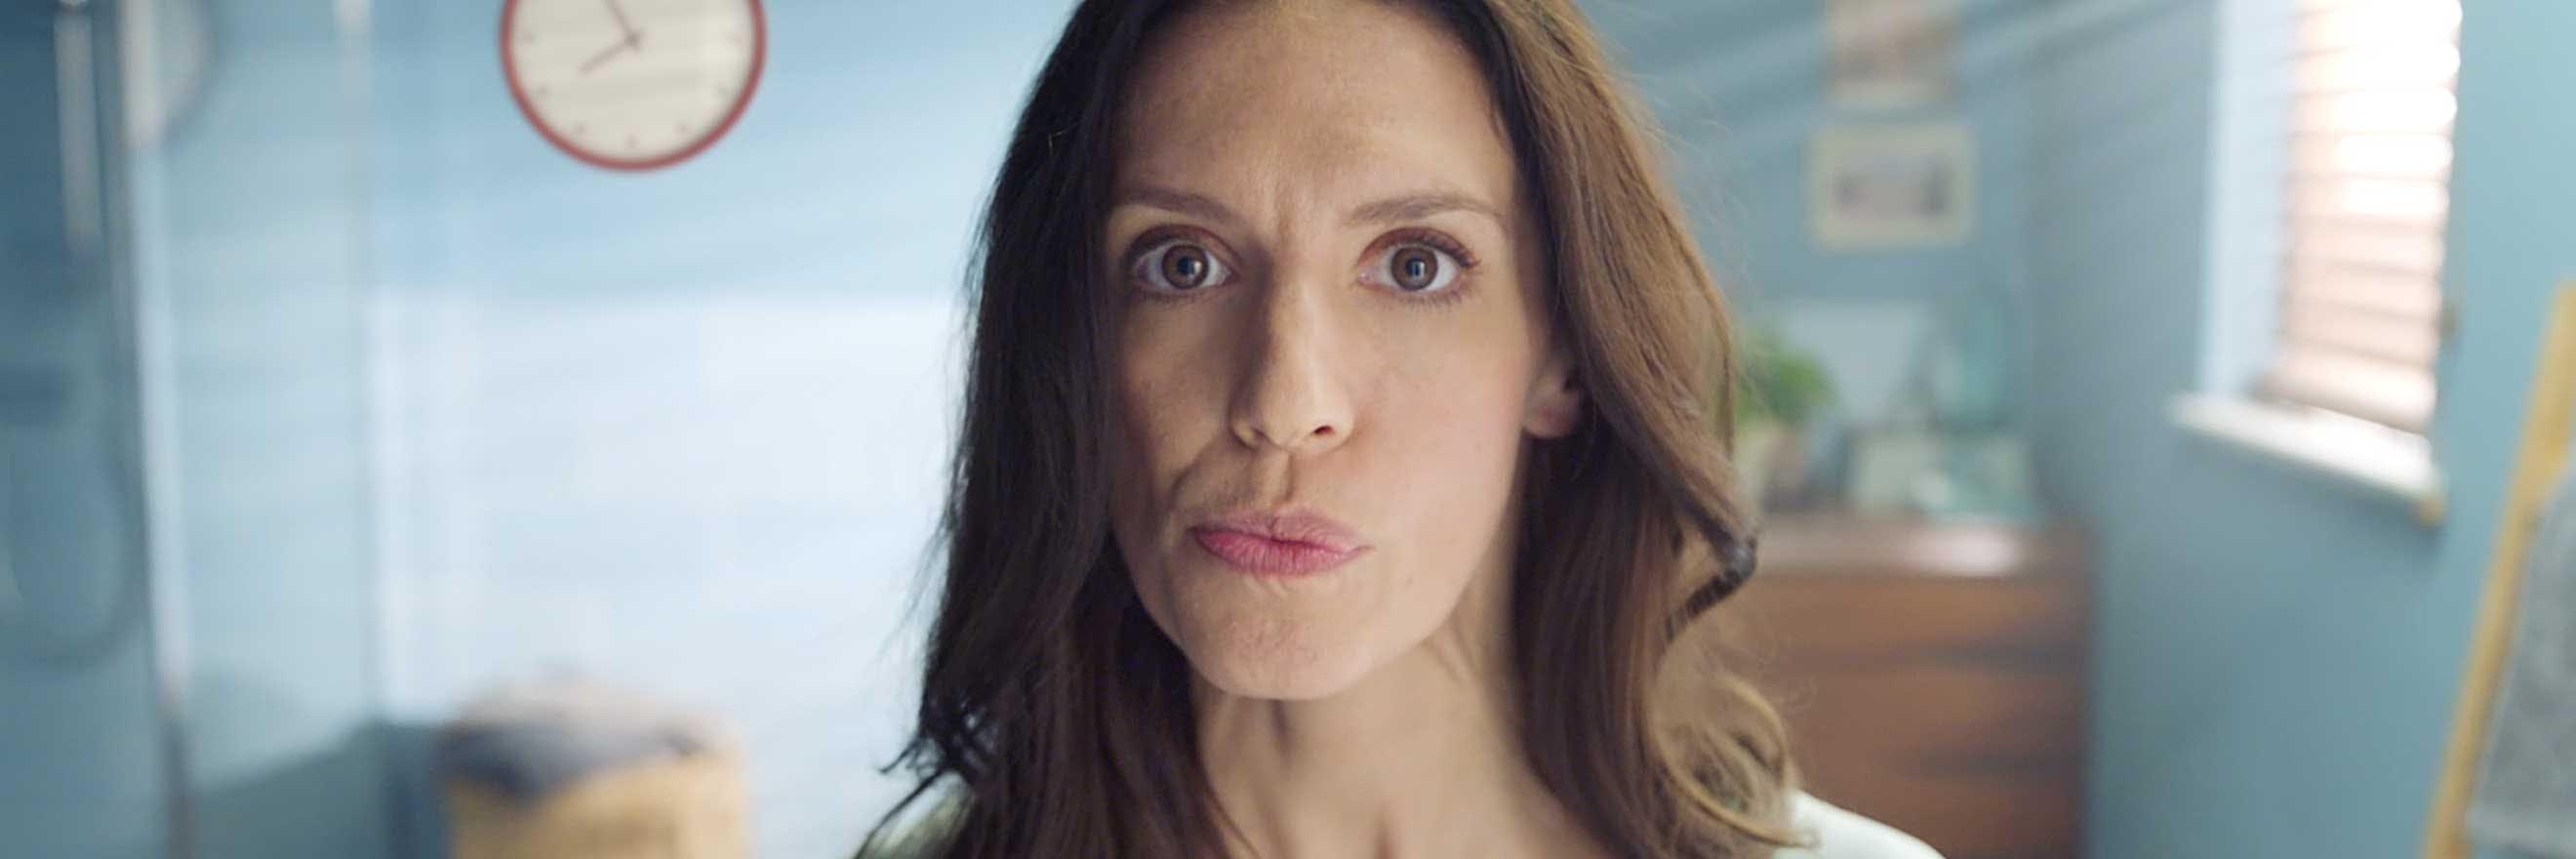 Frau mit Zahnfleischproblemen schaut in Spiegel